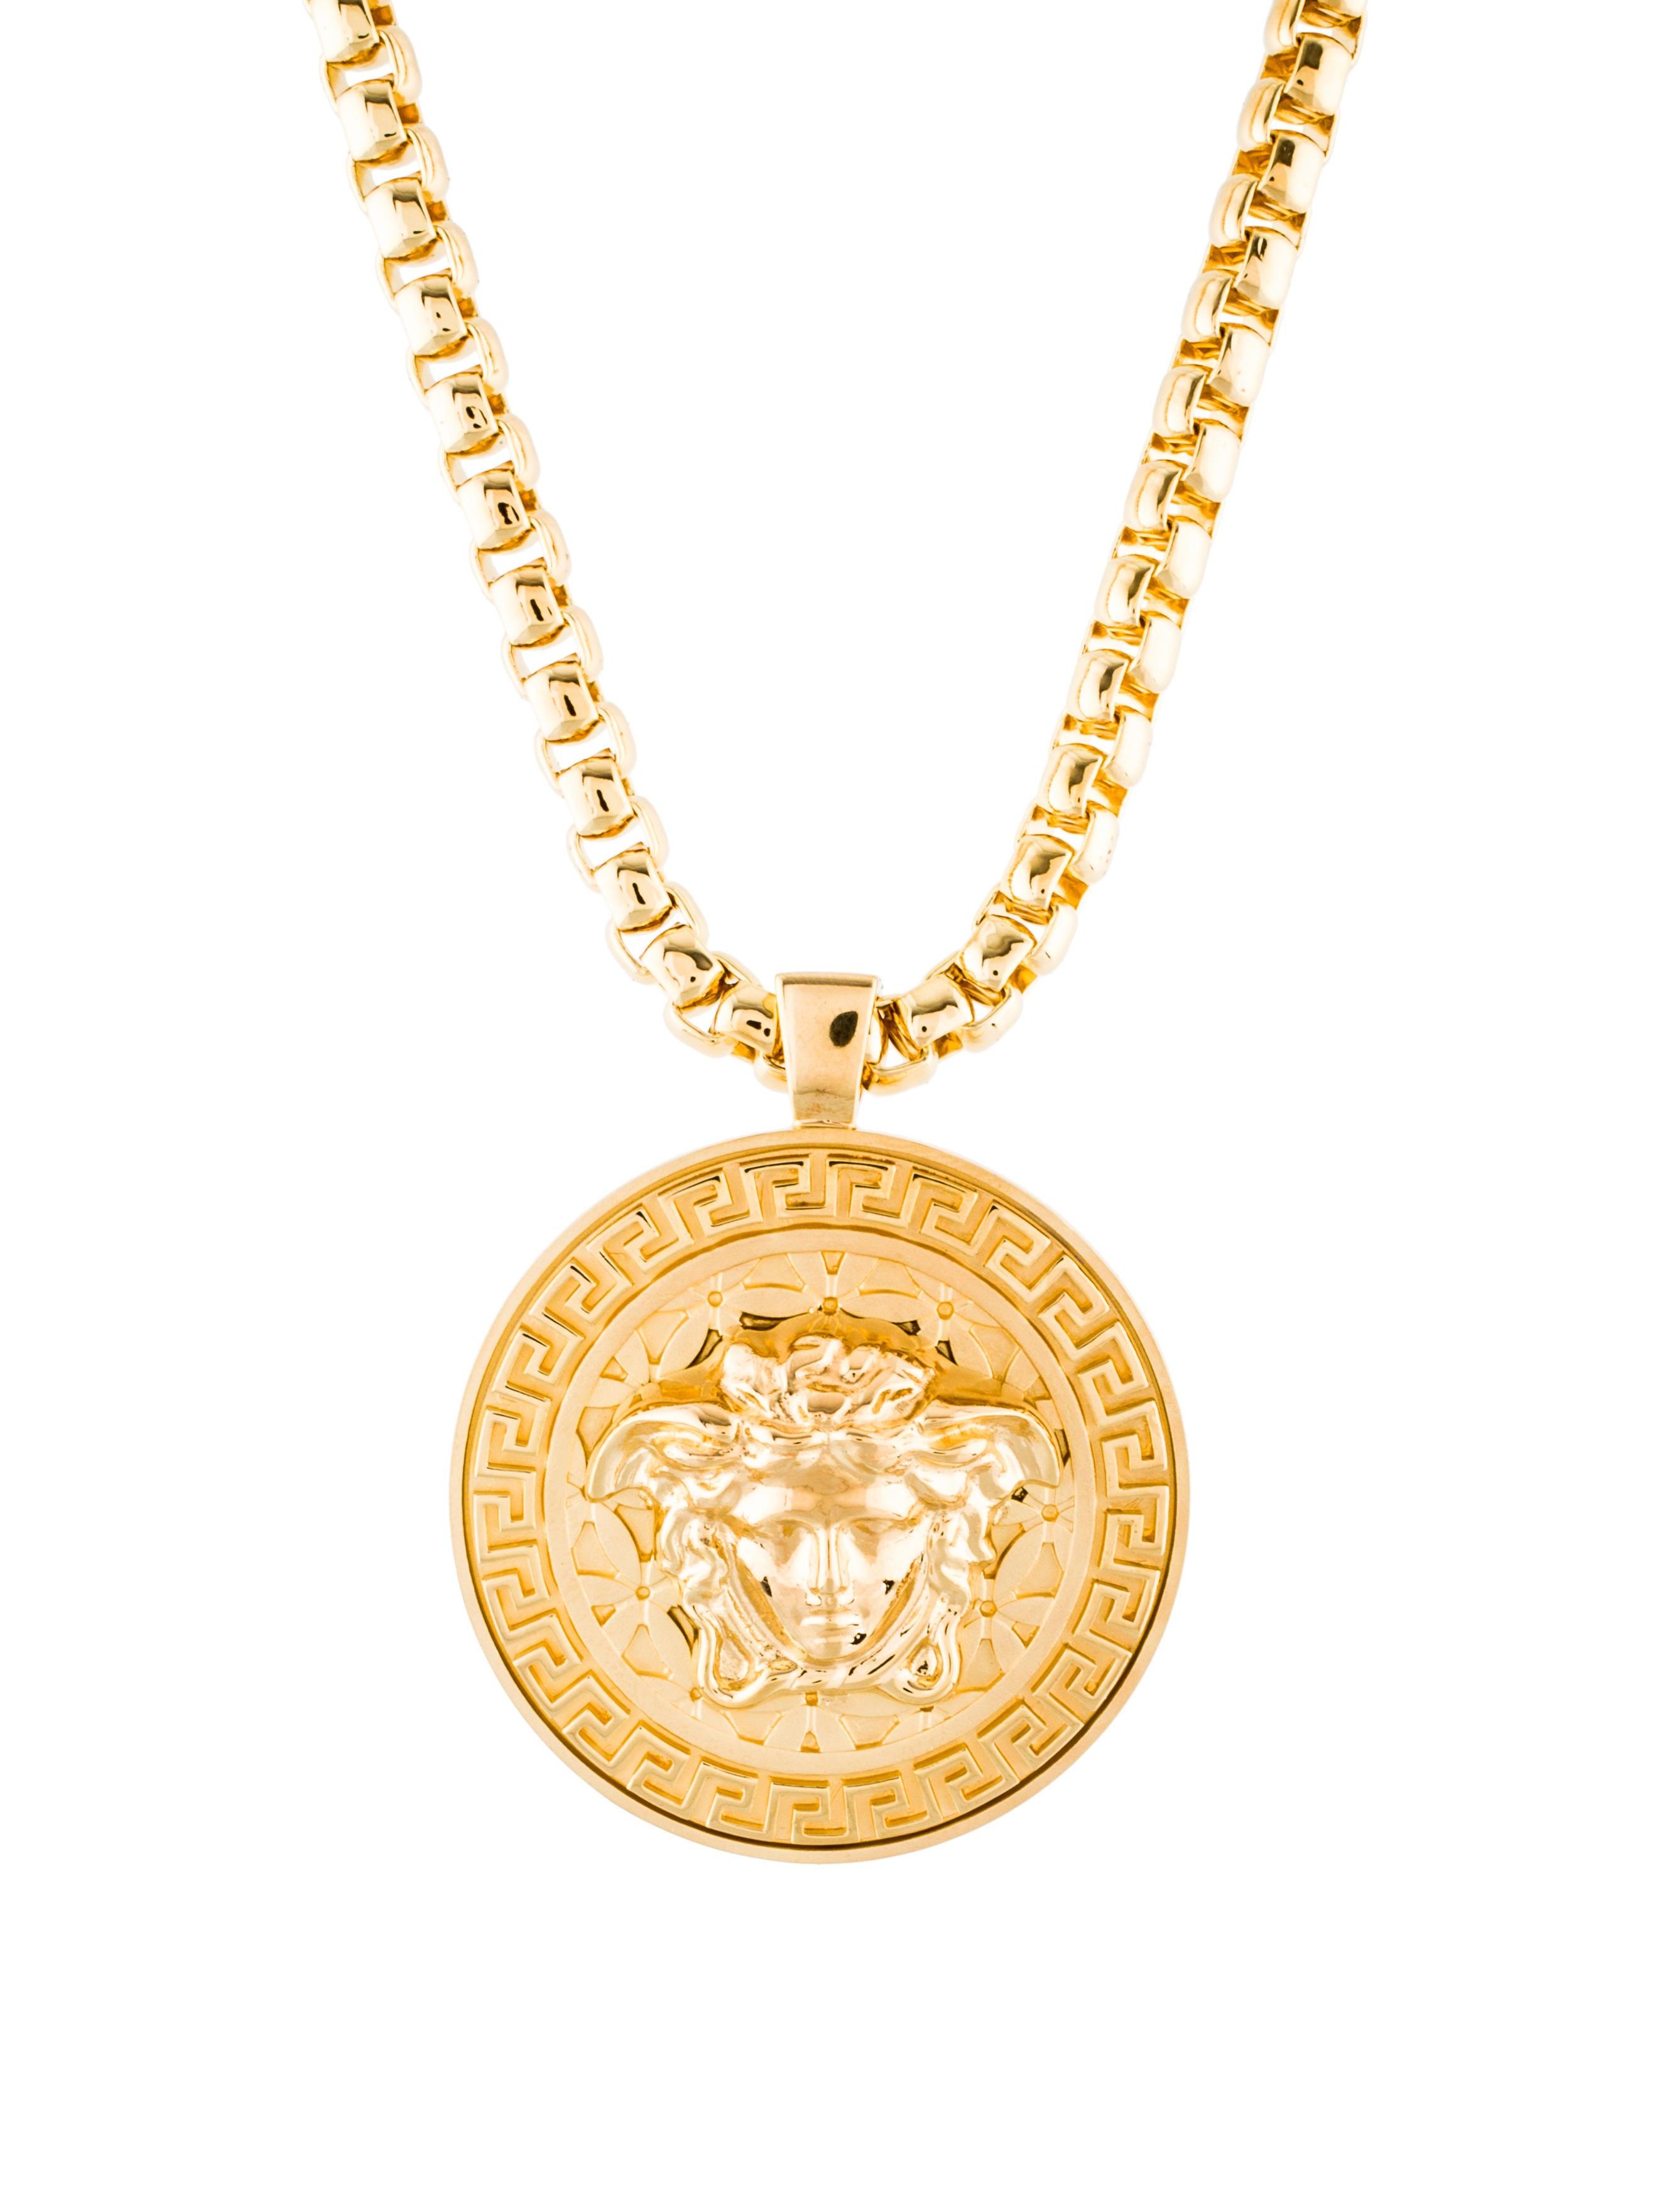 Versace medusa pendant necklace w tags necklaces ves36053 the medusa pendant necklace w tags aloadofball Images